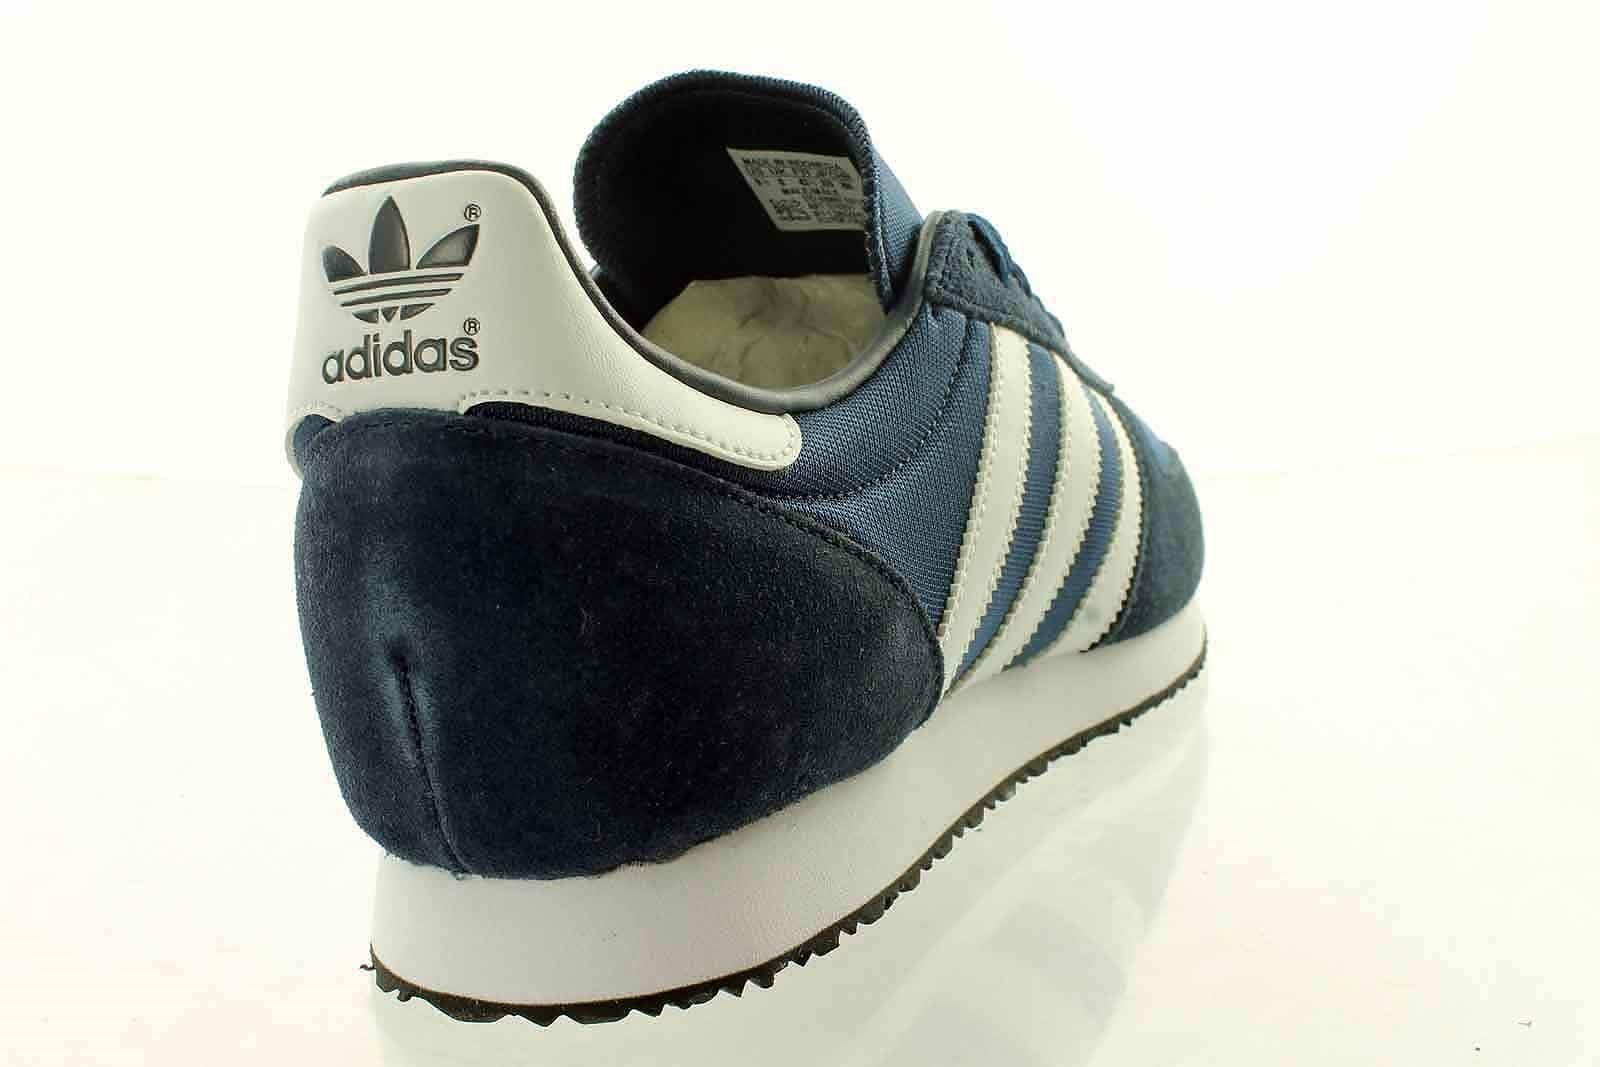 online store 72472 15679 Adidas-Zx-Corredor-Zapatillas-para-hombre-Originals-solo-